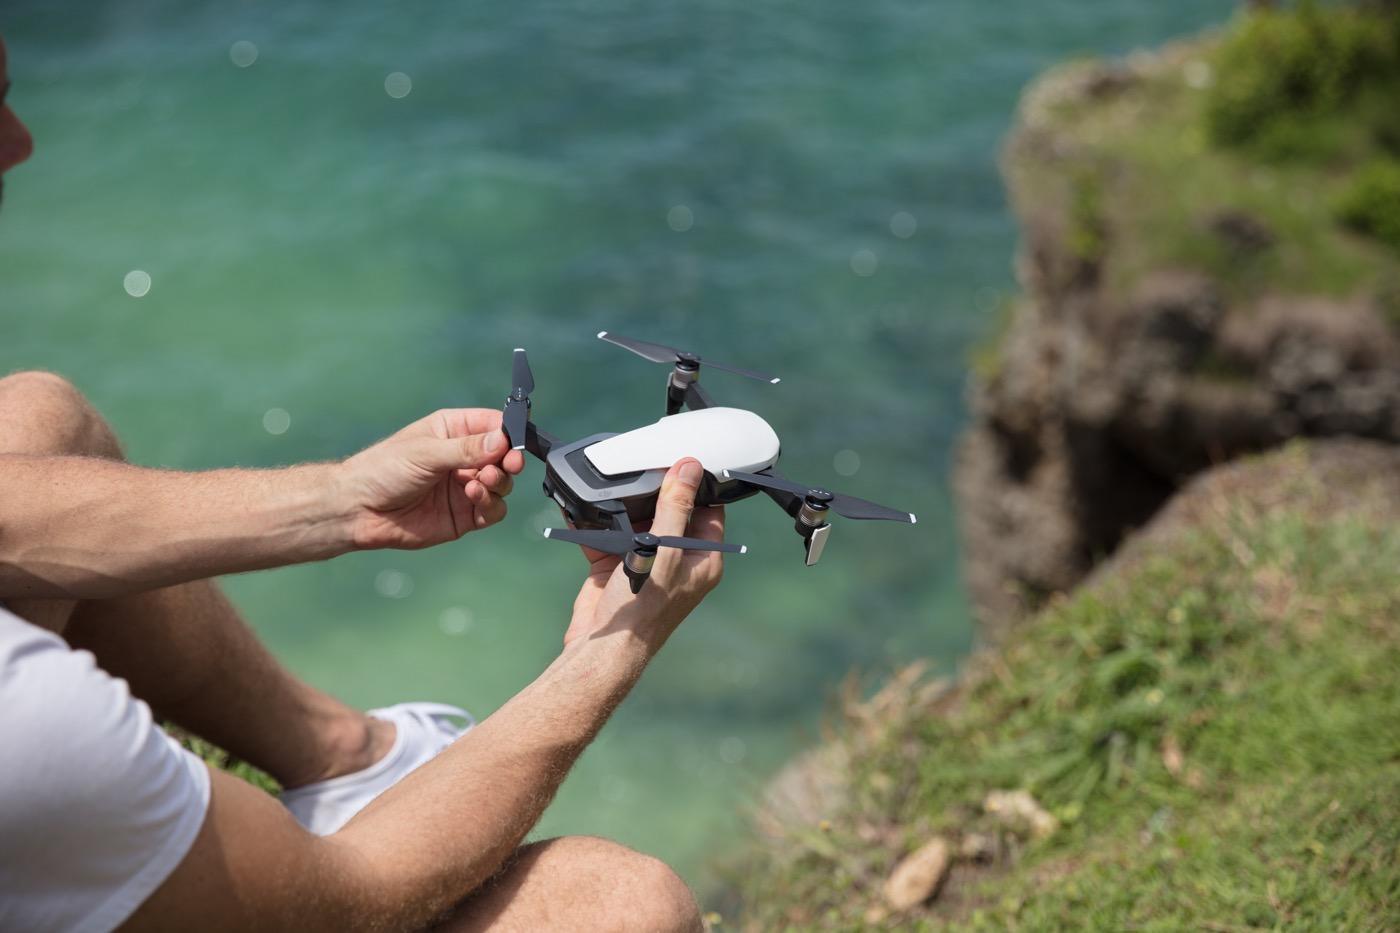 El nuevo dron plegable de DJI graba en 4K y es tan pequeño como un iPhone 7 Plus